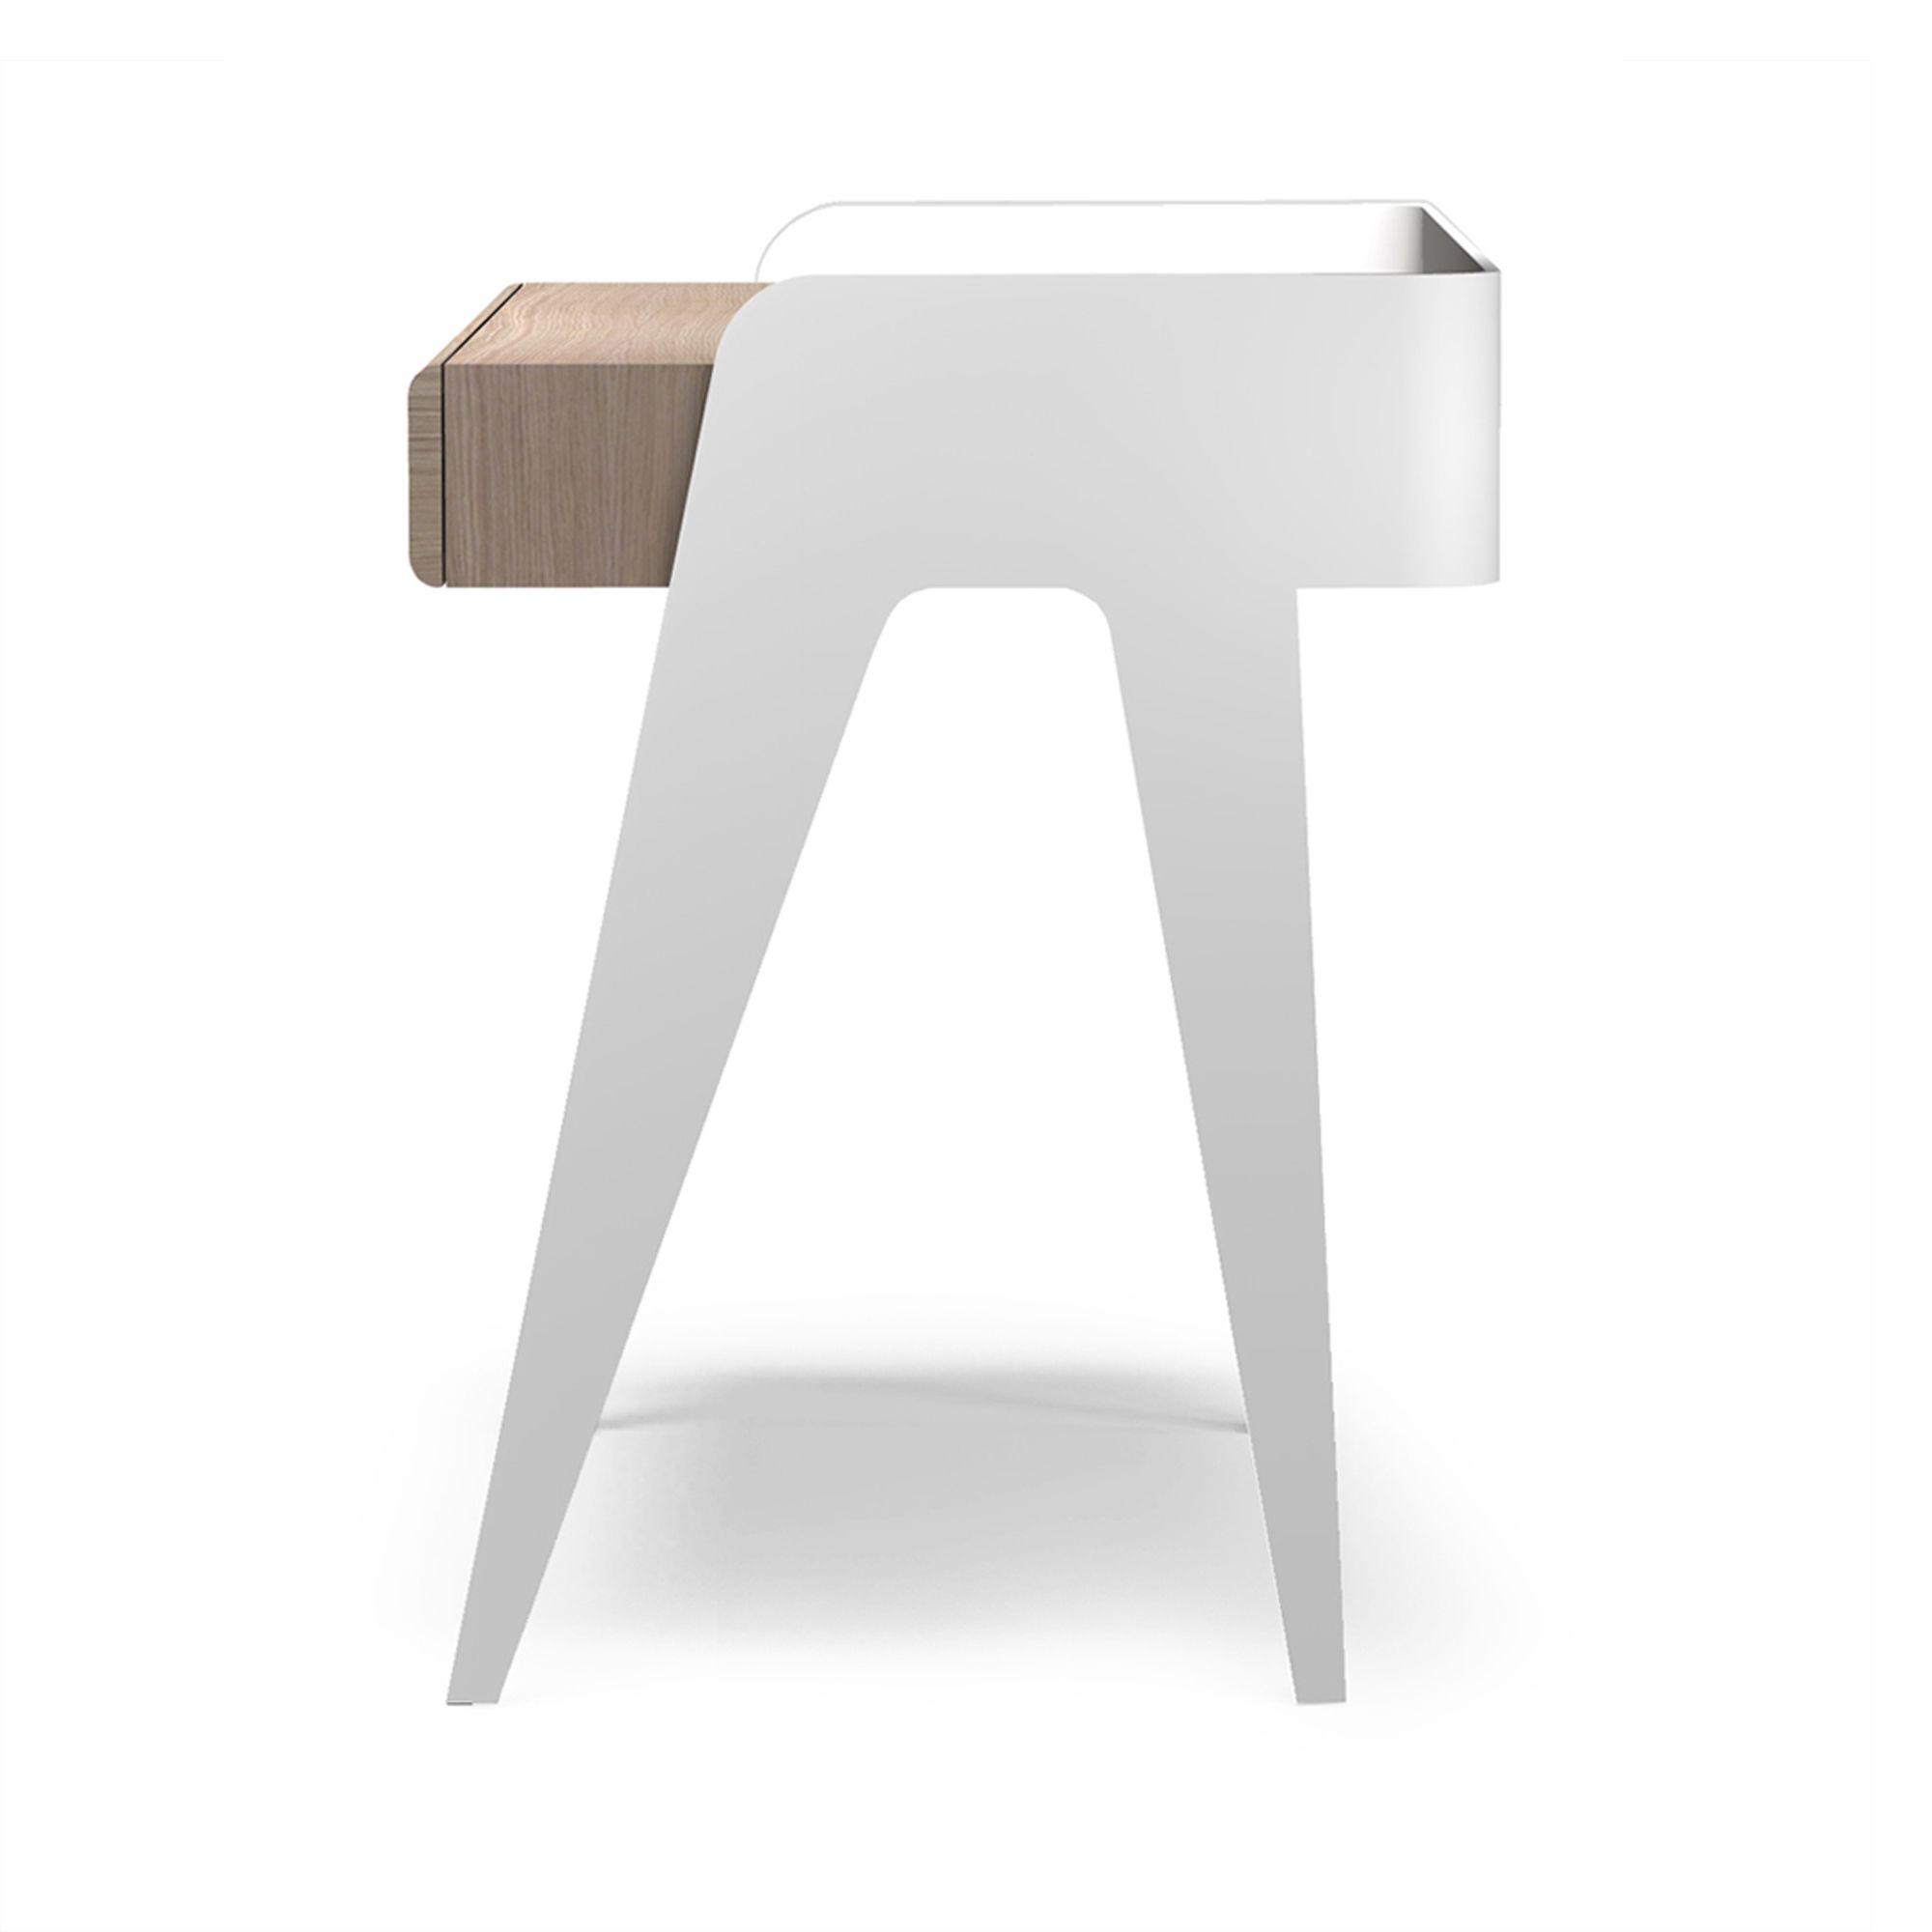 Bureau D Angle Arrondi bureau chêne laqué blanc design scandinave. 100% made in